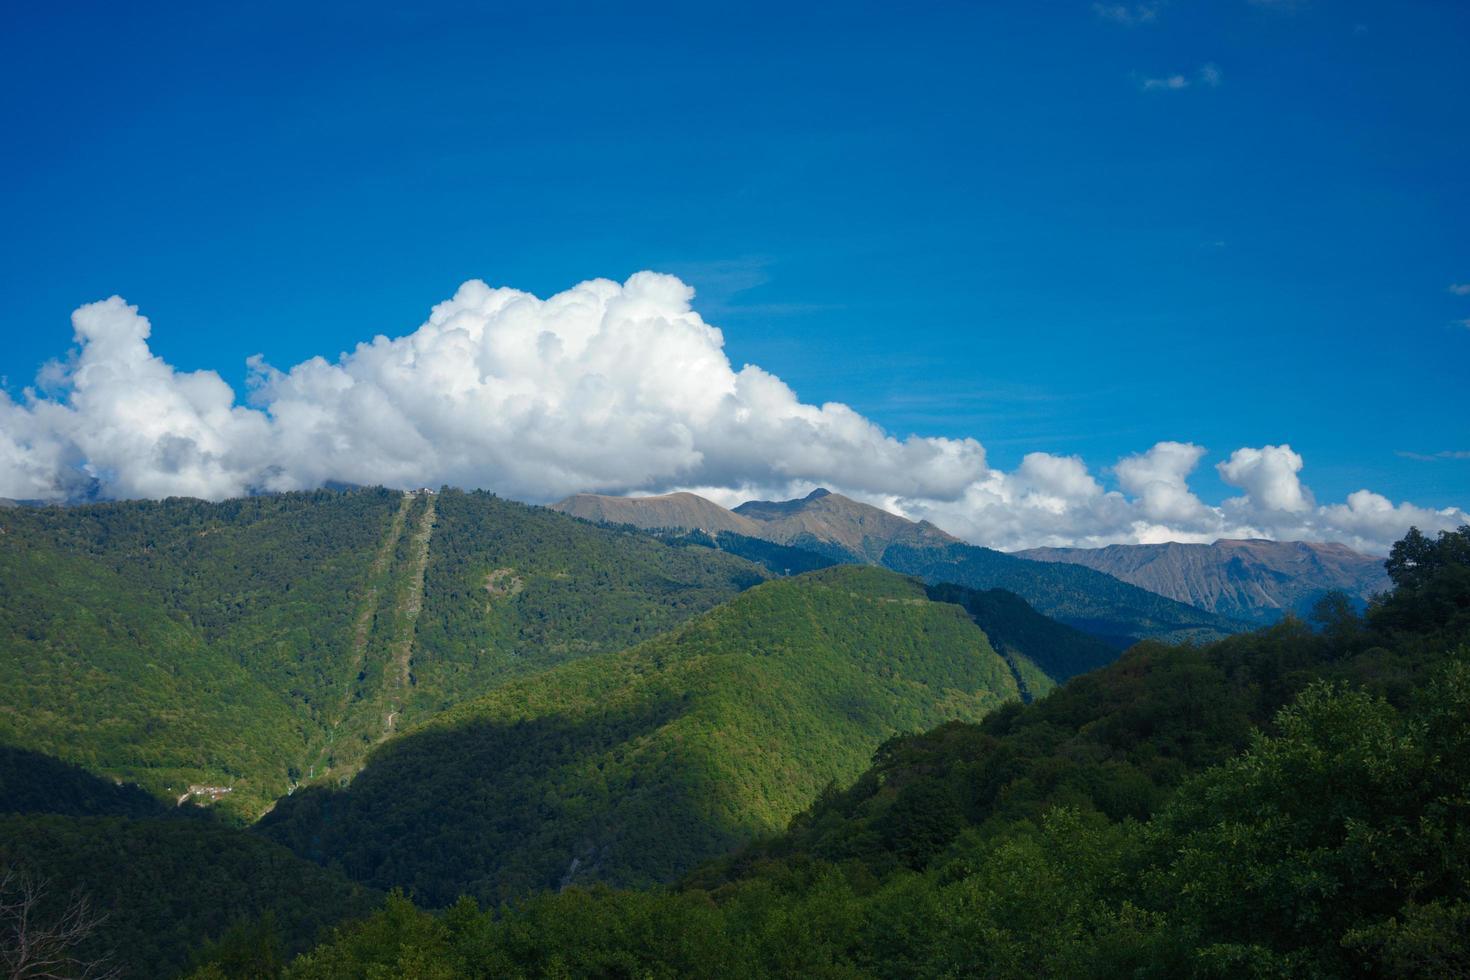 Berglandschaft mit grünem Wald und bewölktem blauem Himmel in Sotschi, Russland foto